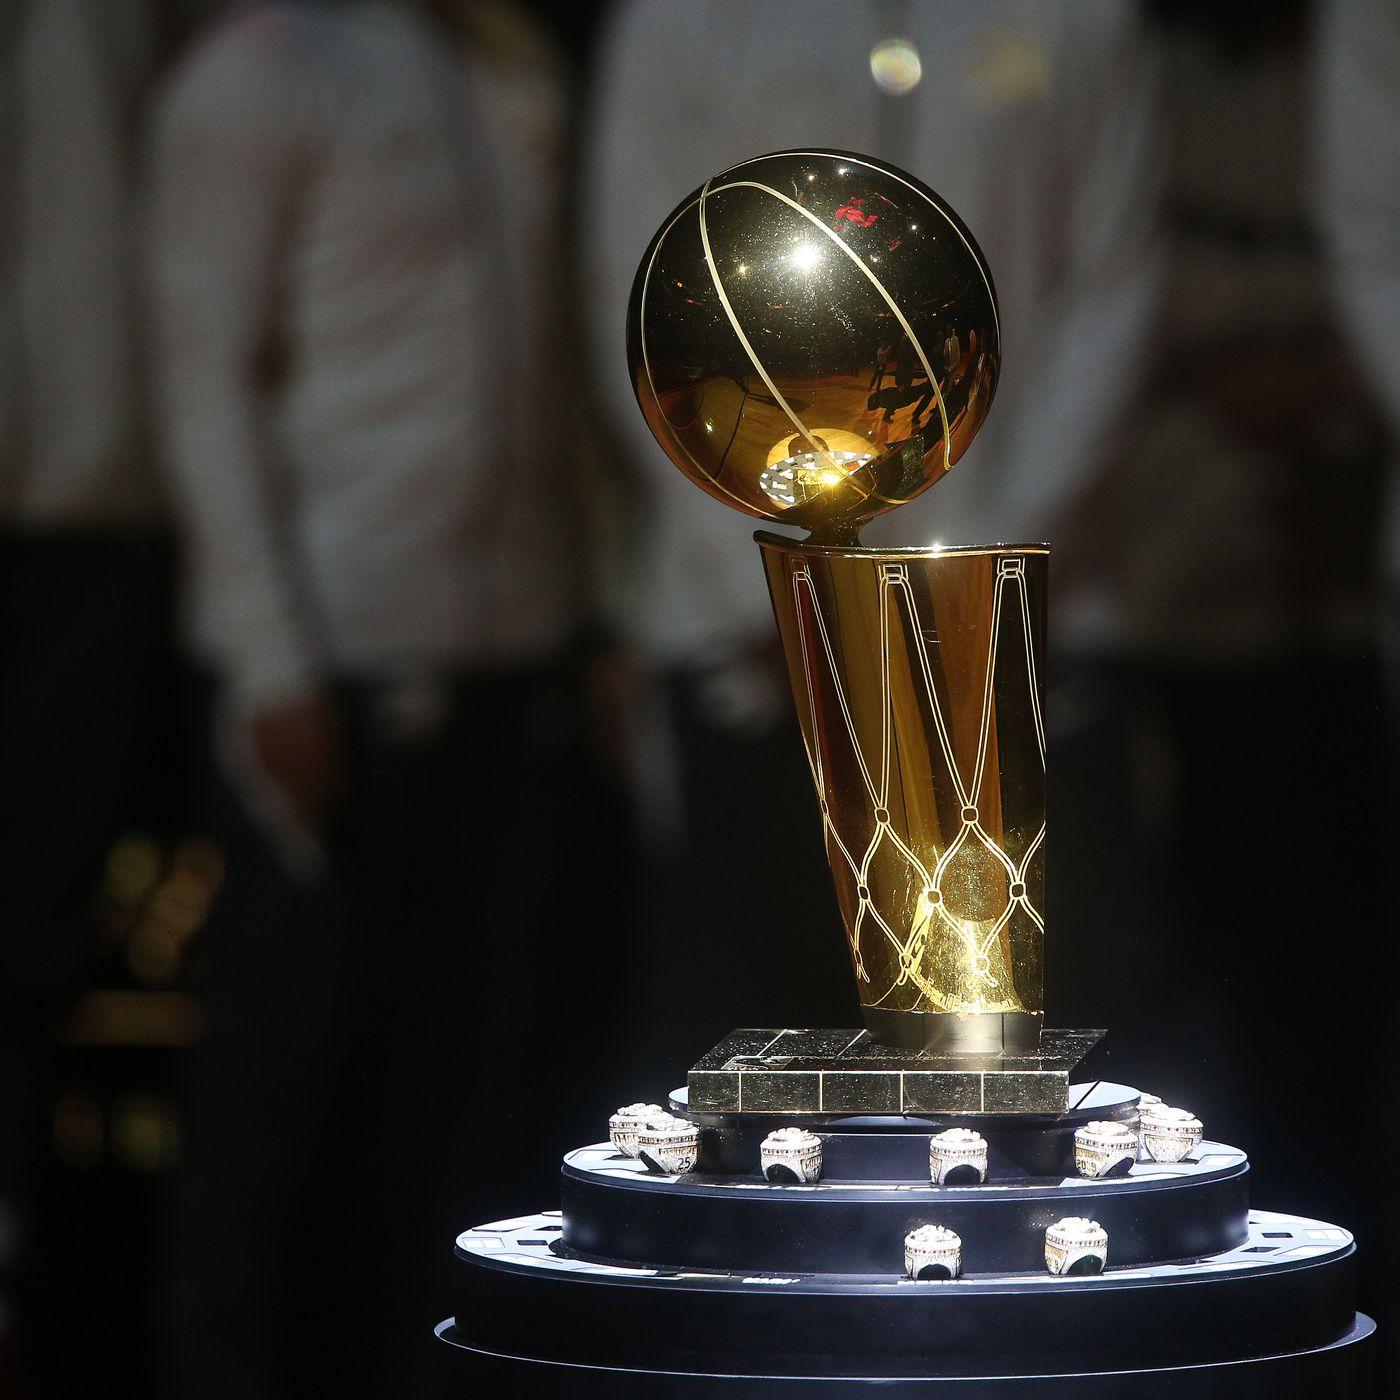 Il trofeo NBA, intitolato al commissioner di allora Larry O'Brien dal 1984